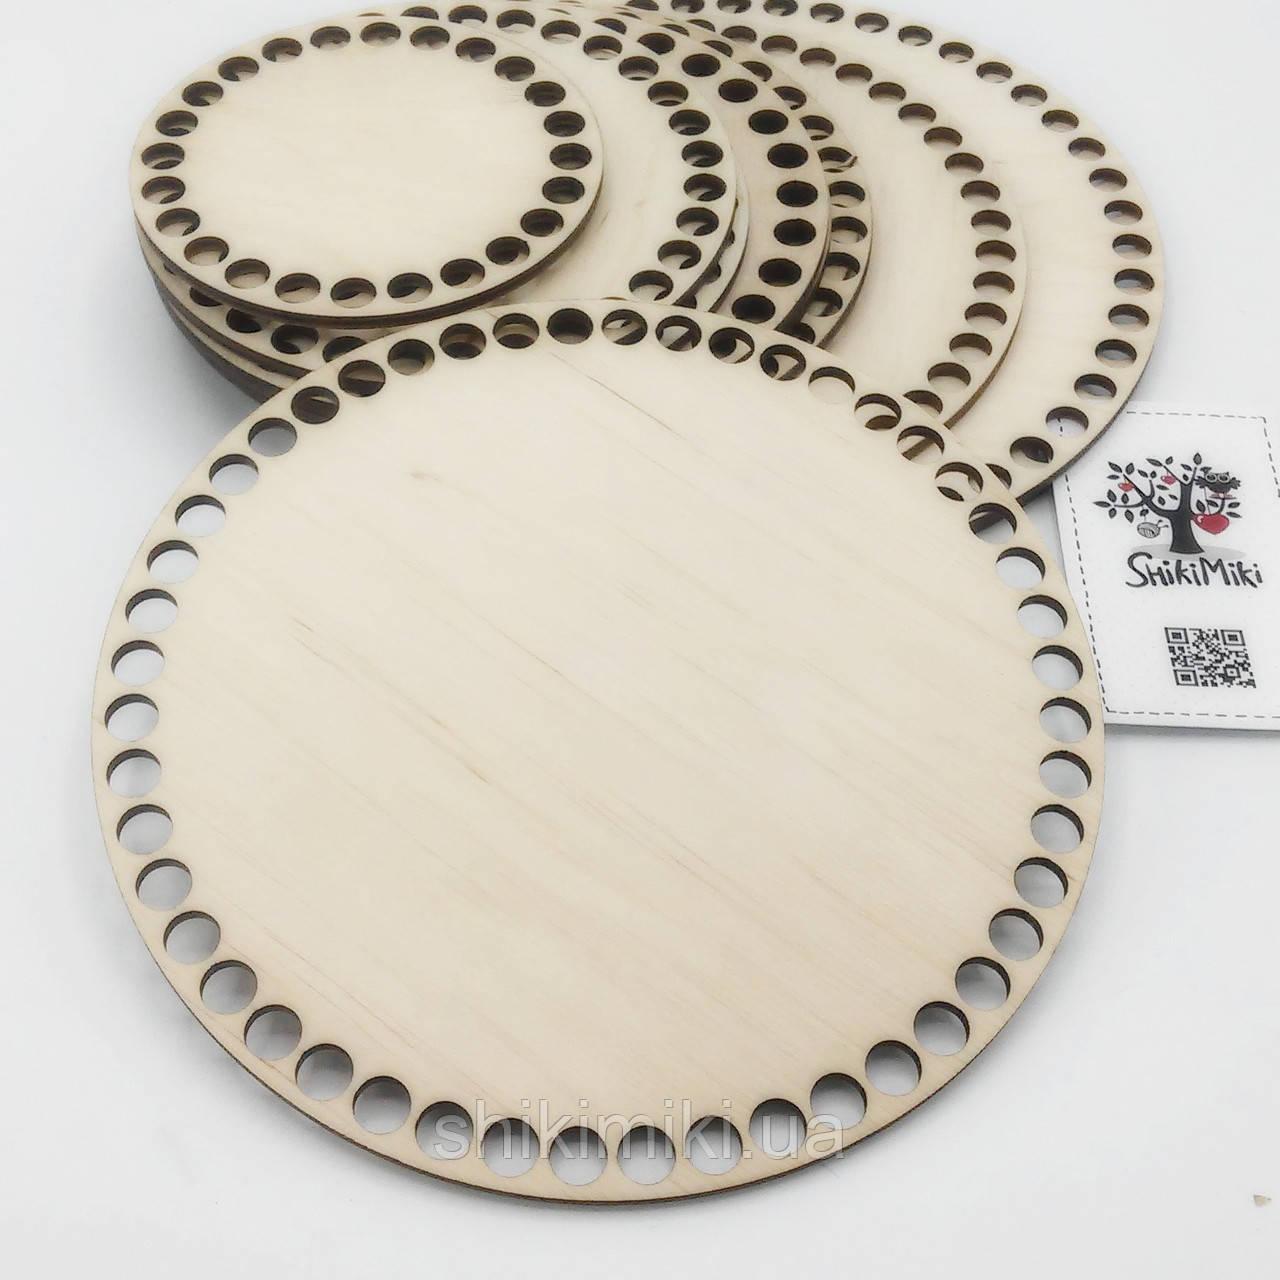 Заготовка из фанеры круглая (18 см)